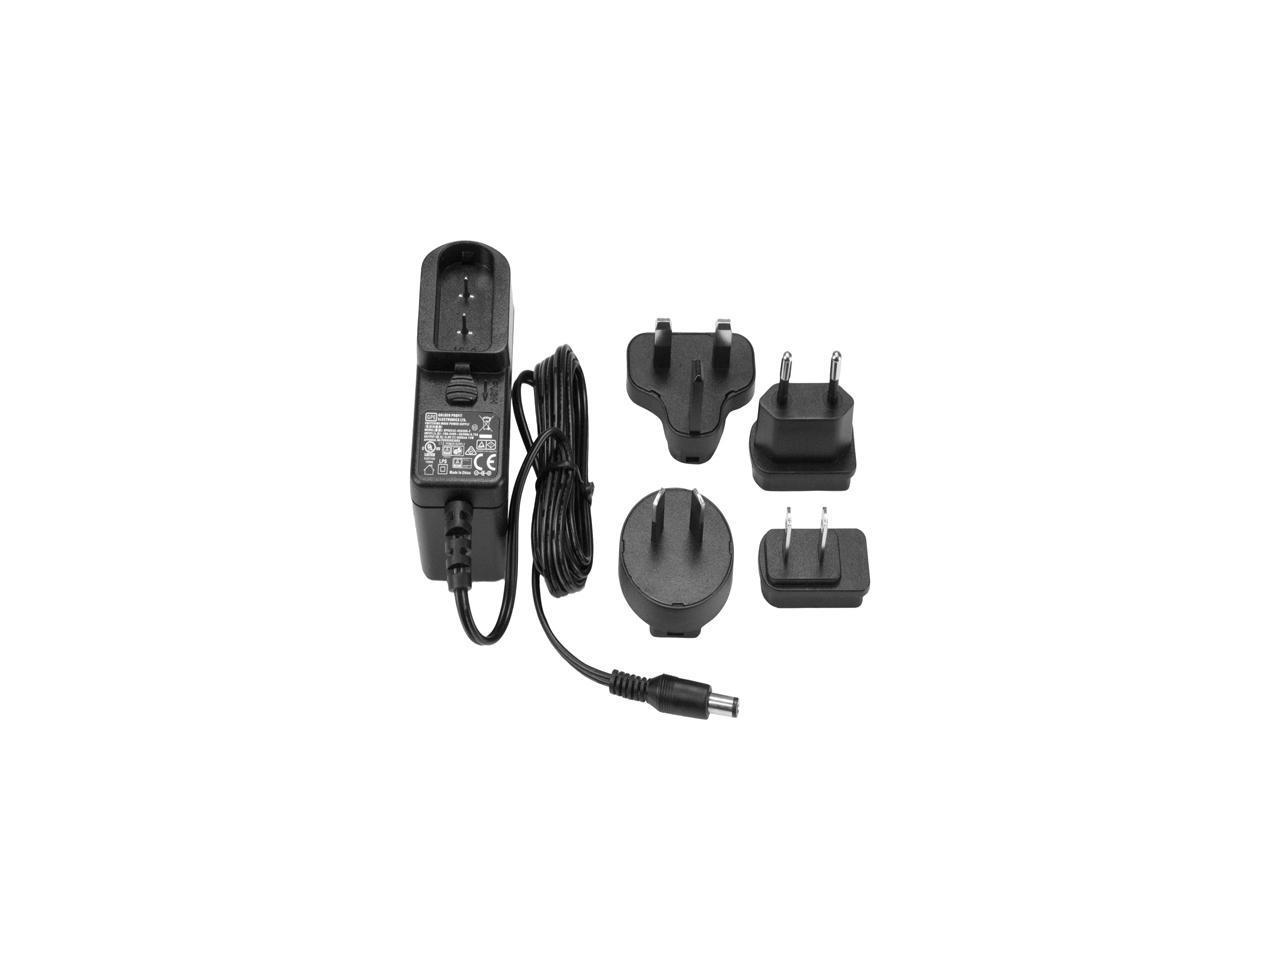 Startech Sva5n3neua Replacement 5v Dc Power Adapter